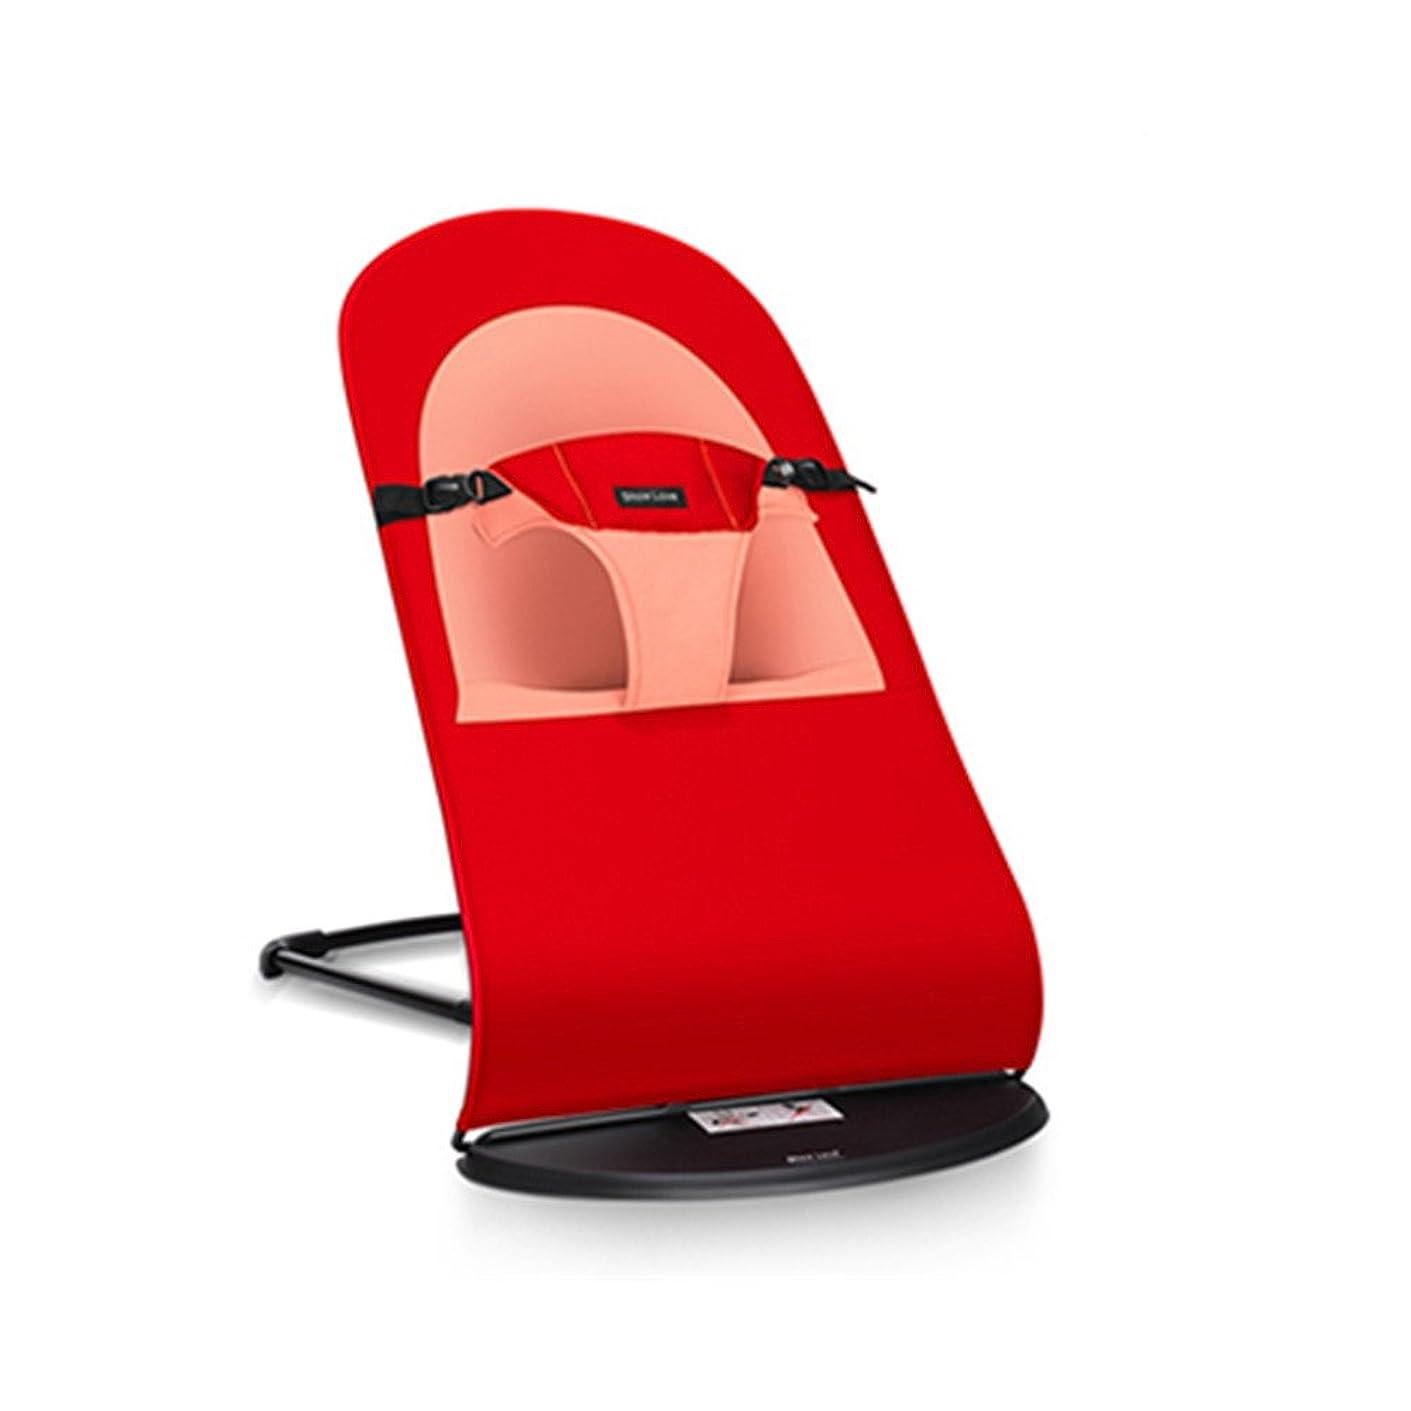 ゲージ刈る避難AVGe キッズチェア ベビーチェアー  木製 学習椅子 高さ調節可能 かわいい (レッド)